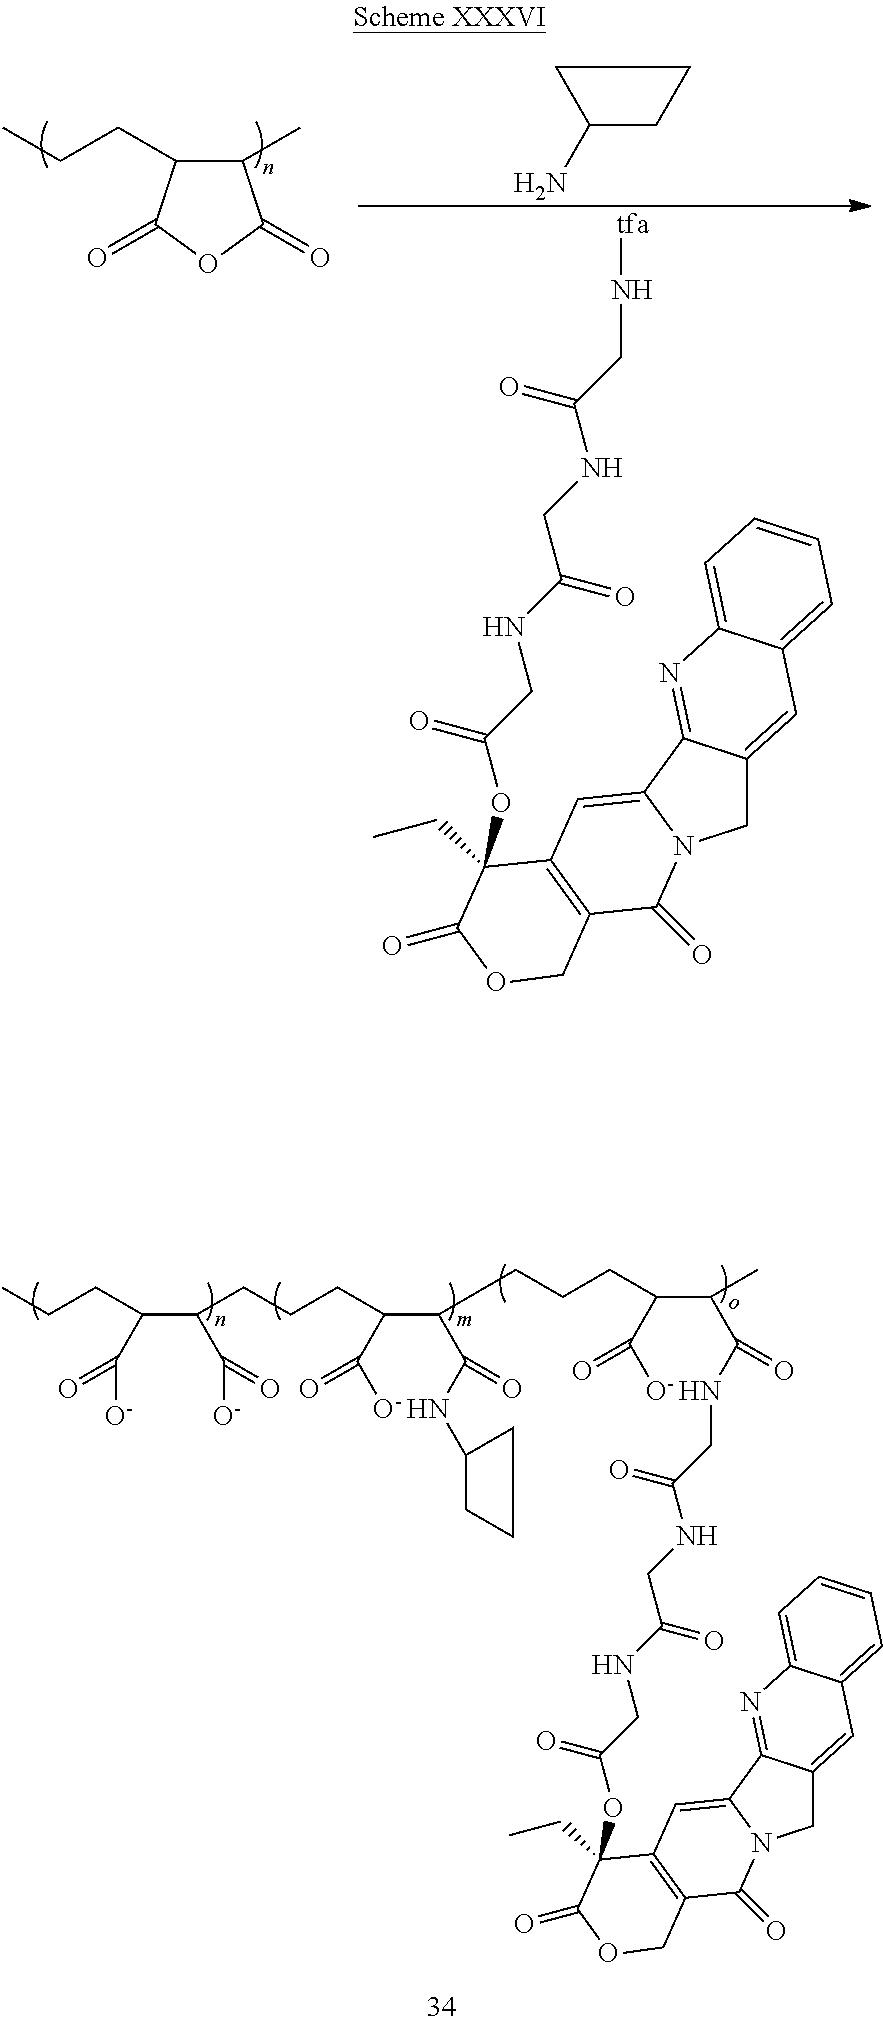 Figure US08475781-20130702-C00054